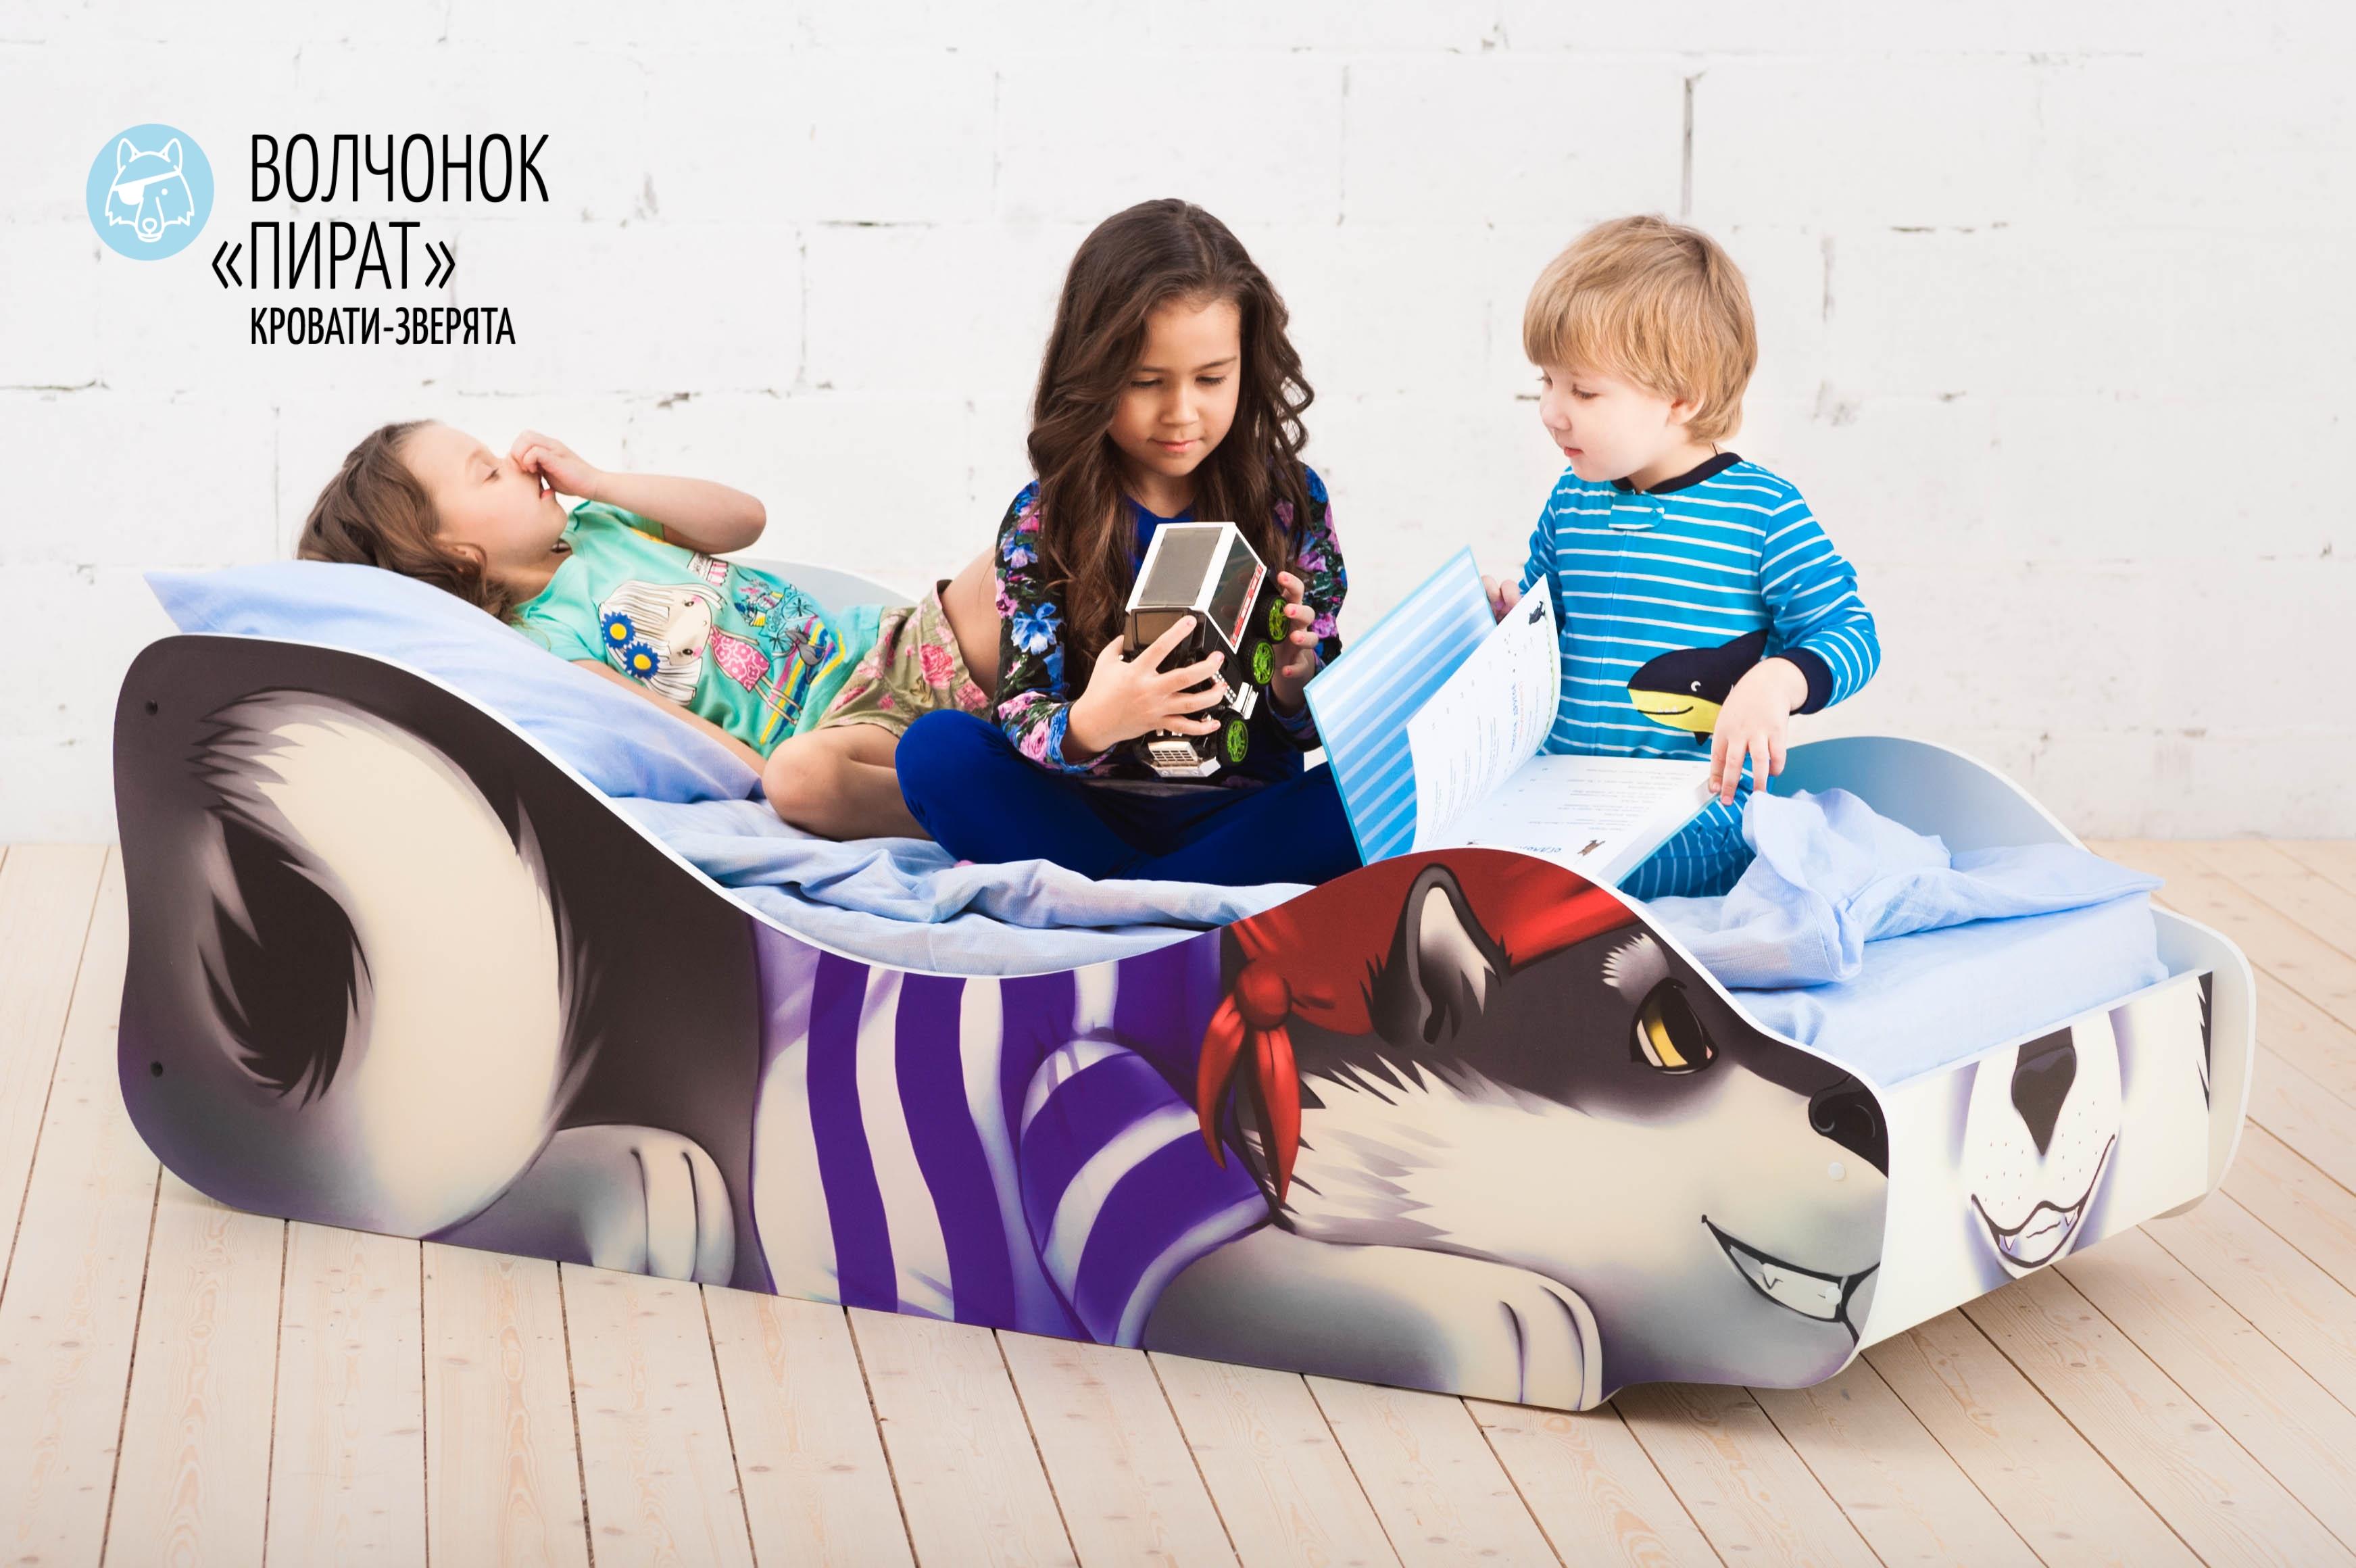 Детская кровать-зверенок -Волчонок-Пират-8